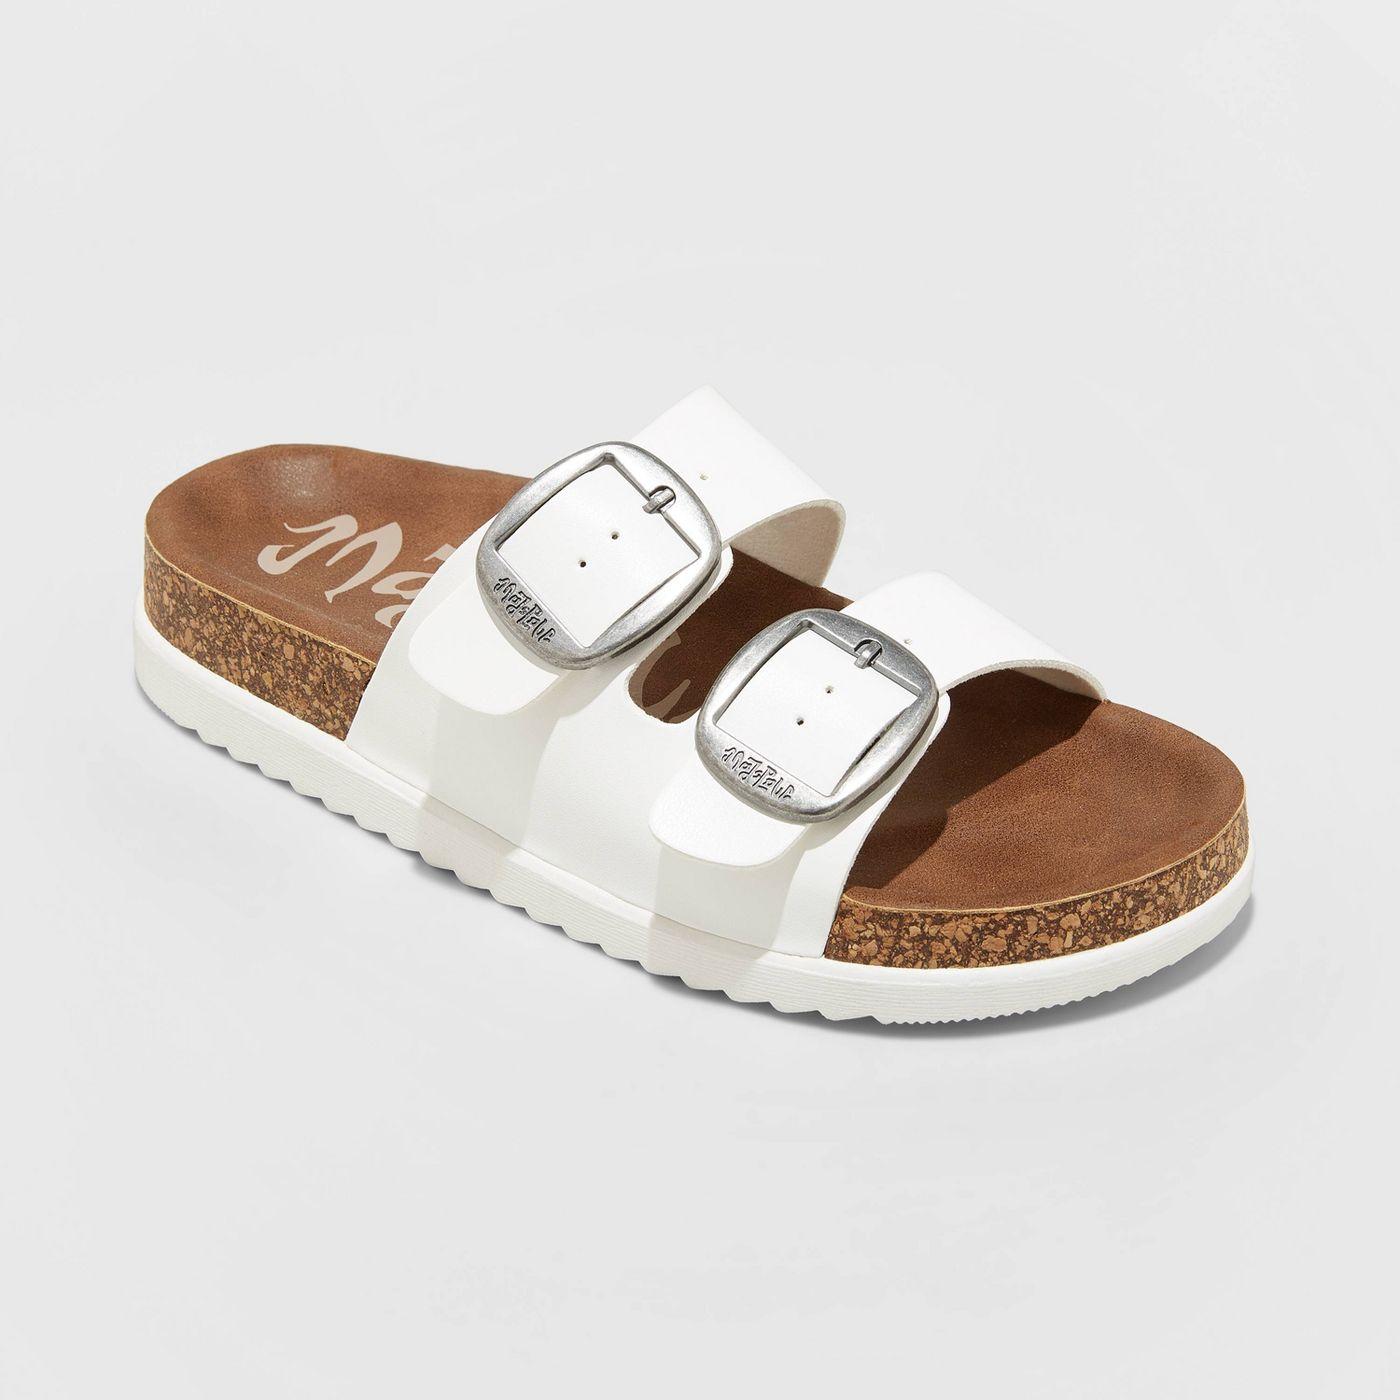 Birkenstock Look-Alike Sandals You Can